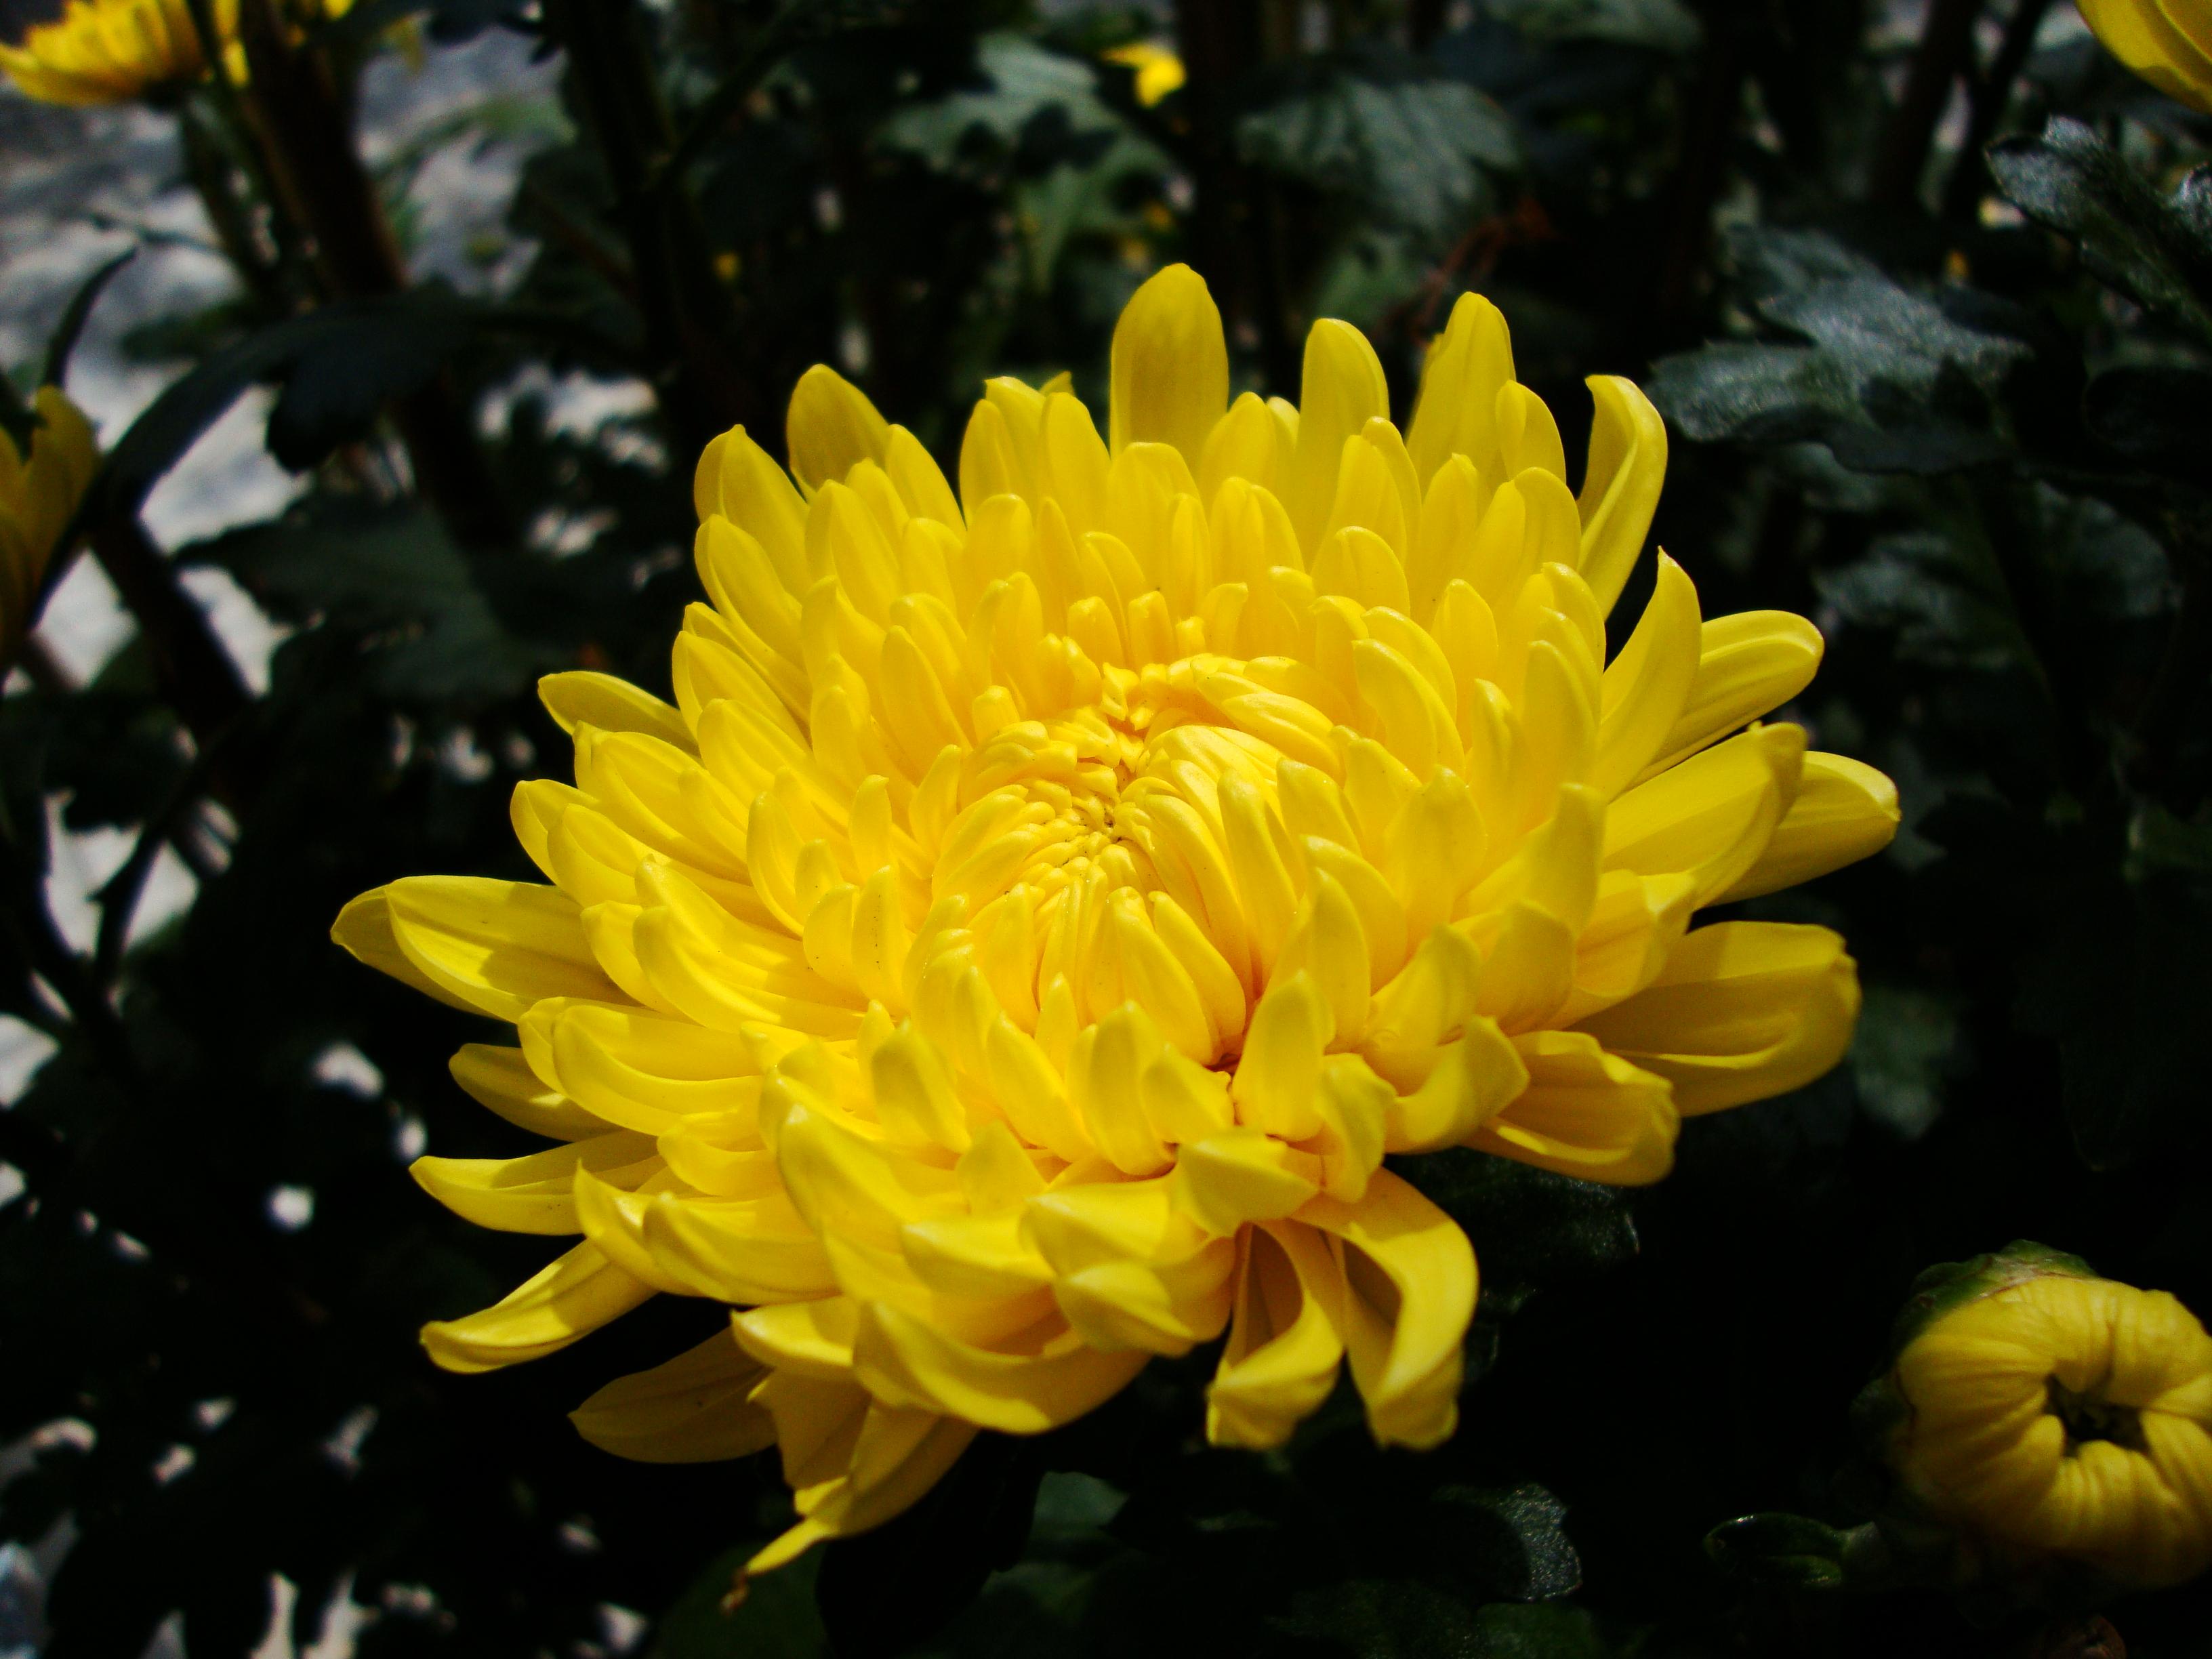 http://upload.wikimedia.org/wikipedia/commons/3/30/Chrysanthemum_morifolium_(2).JPG